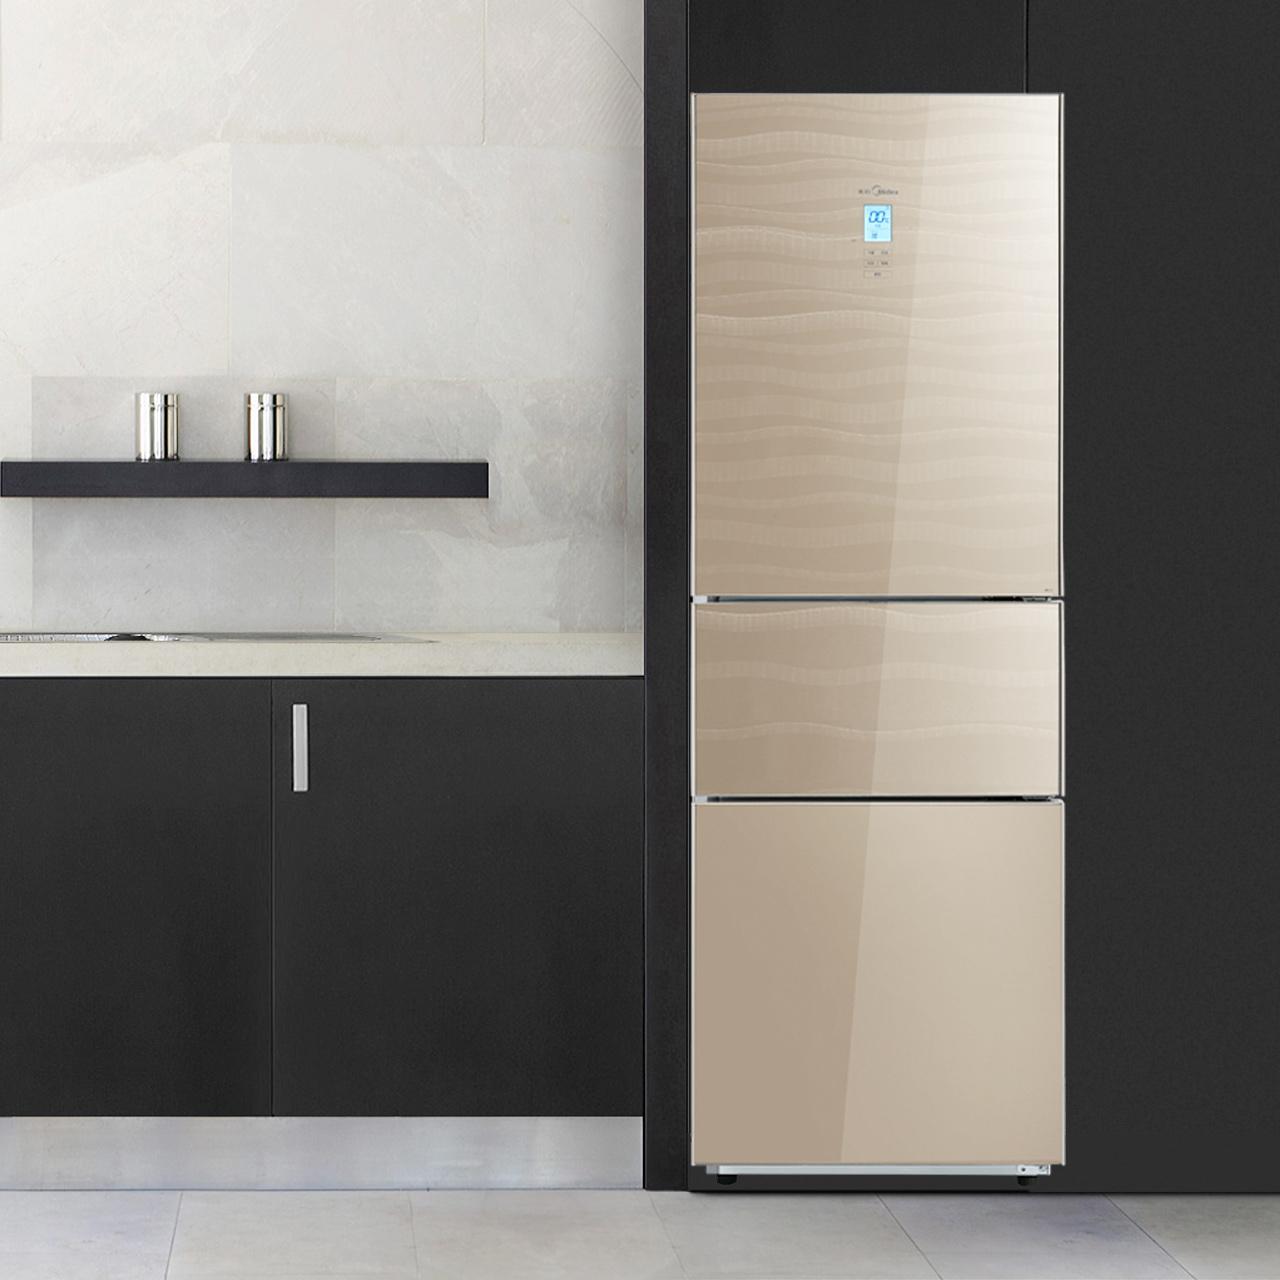 三开门电冰箱节能家用电脑智能 E 235TGZM BCD 美 Midea